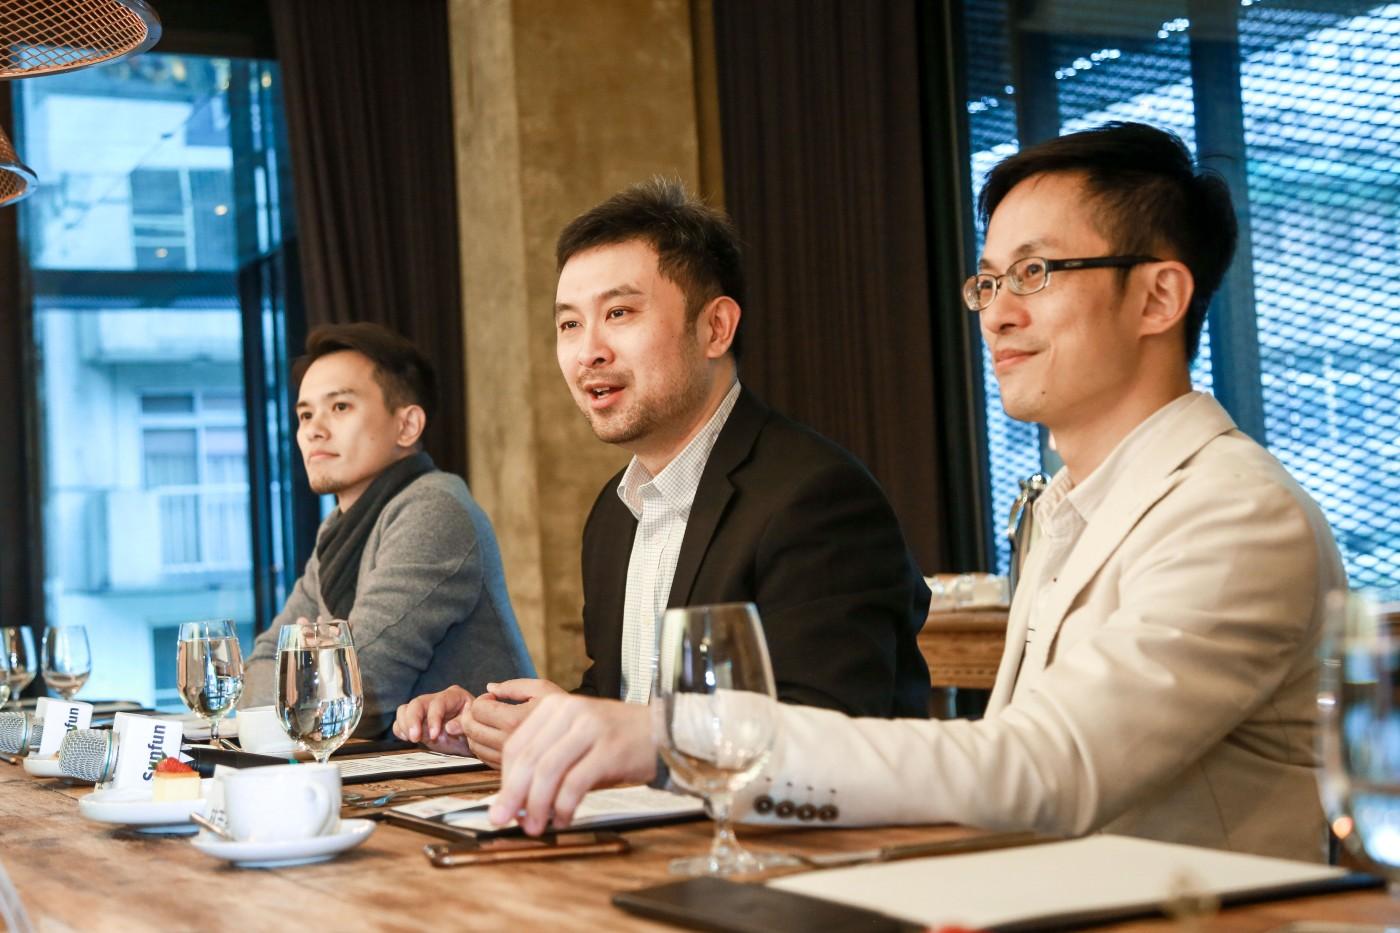 尚凡營收再創歷史新高後,總經理林志銘請辭轉戰電商、O2O市場